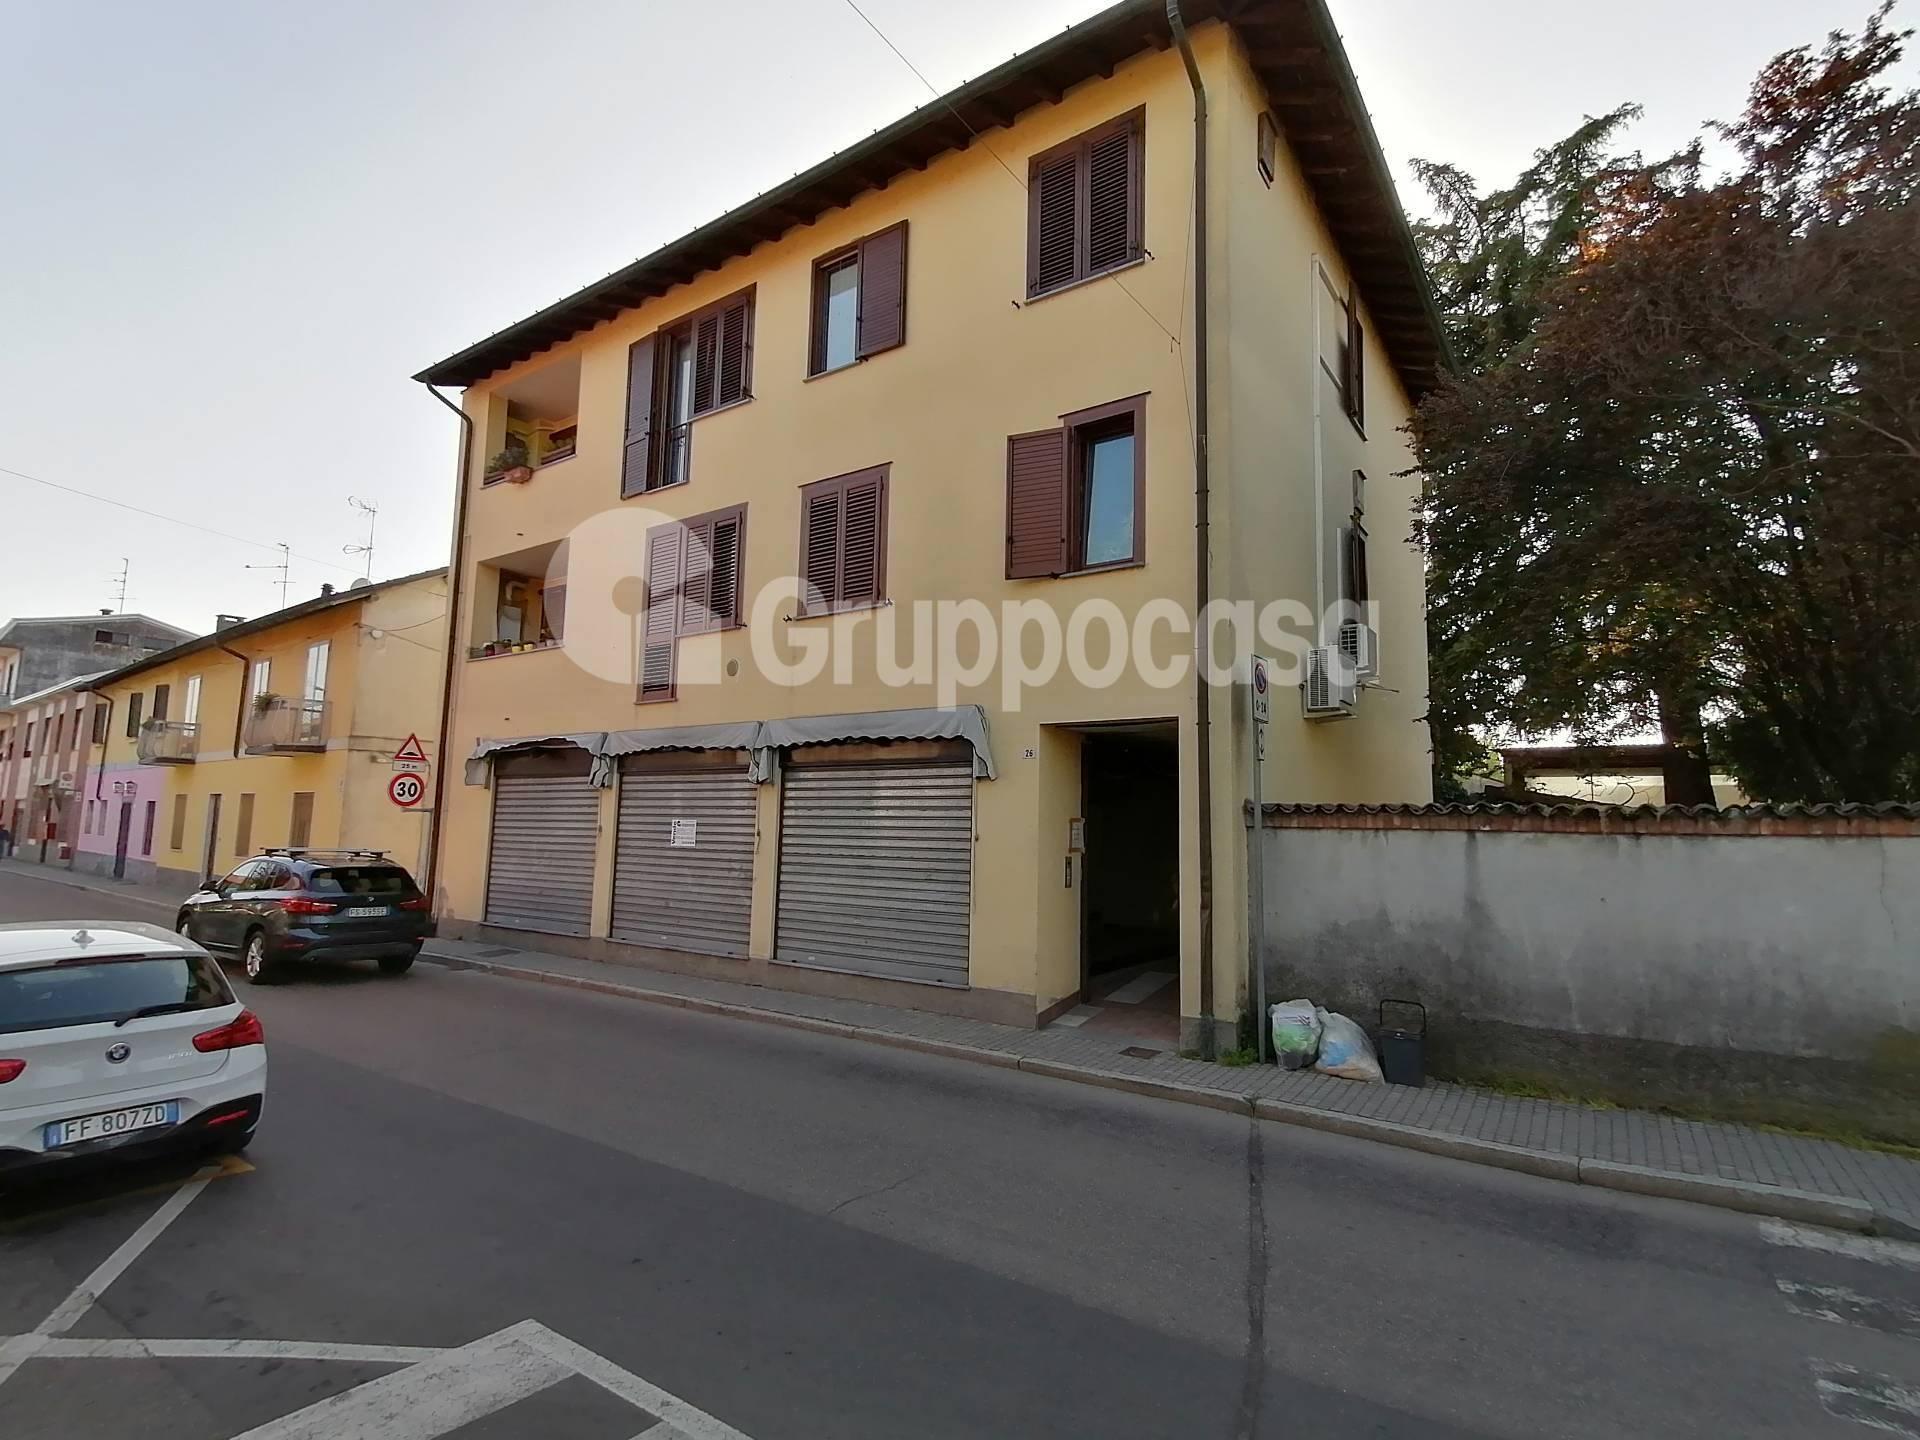 Negozio / Locale in vendita a Santo Stefano Ticino, 9999 locali, prezzo € 165.000 | PortaleAgenzieImmobiliari.it